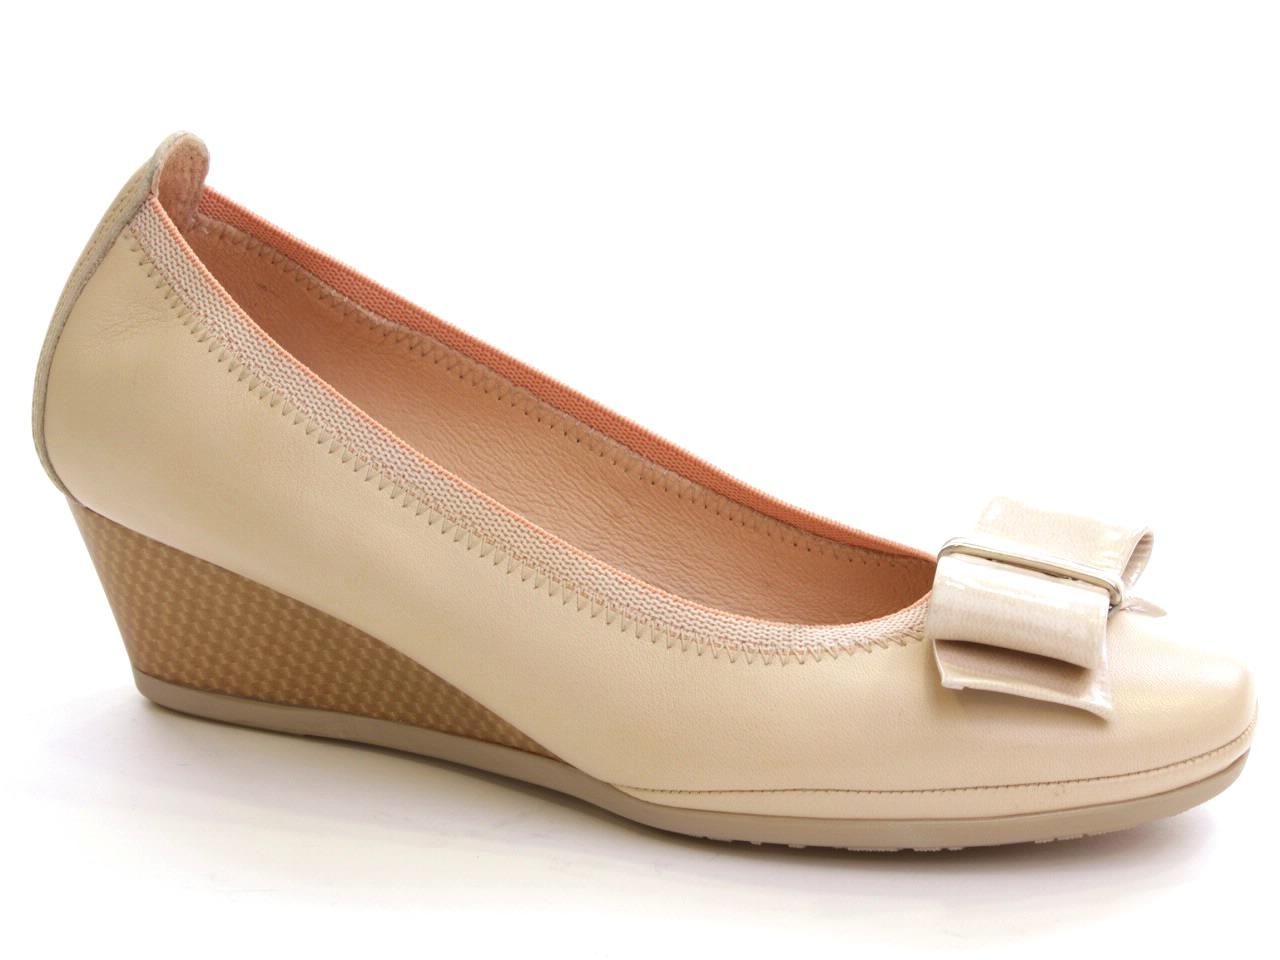 Chaussures à Talons Compensés Hispanitas - 165 HV51131